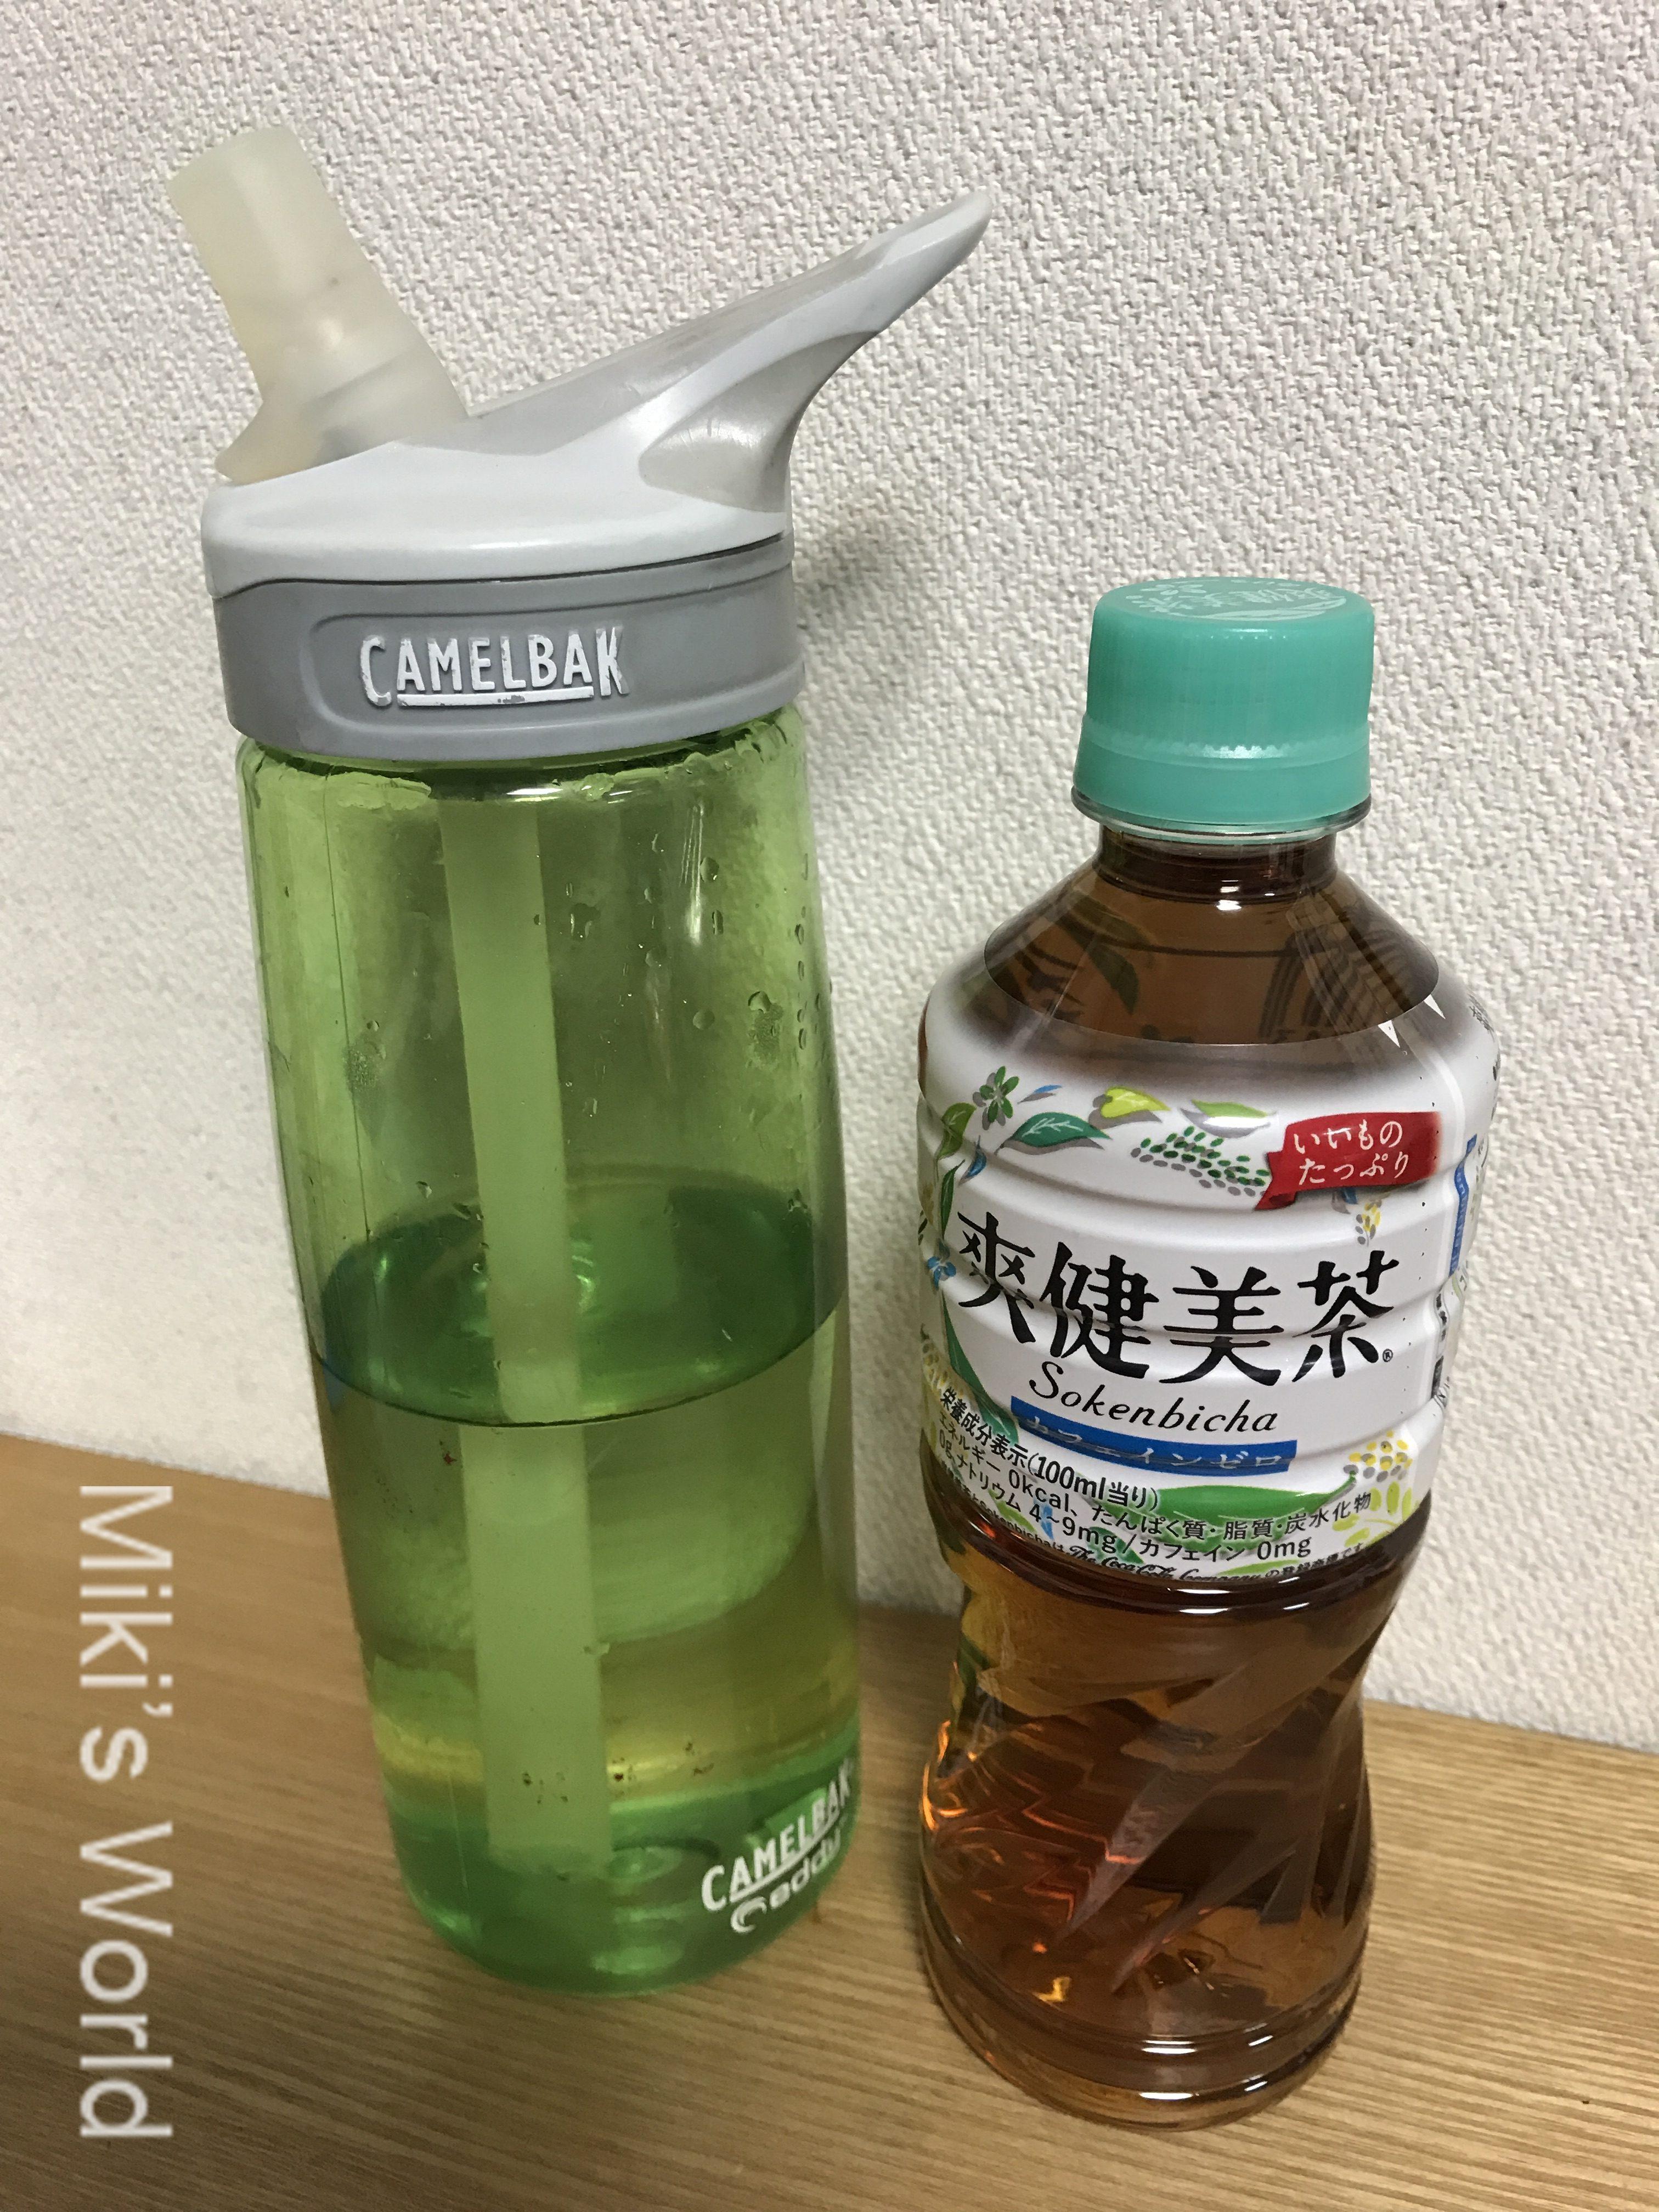 海外の空港でペットボトルの水はいつ買ったら没収されないのか?